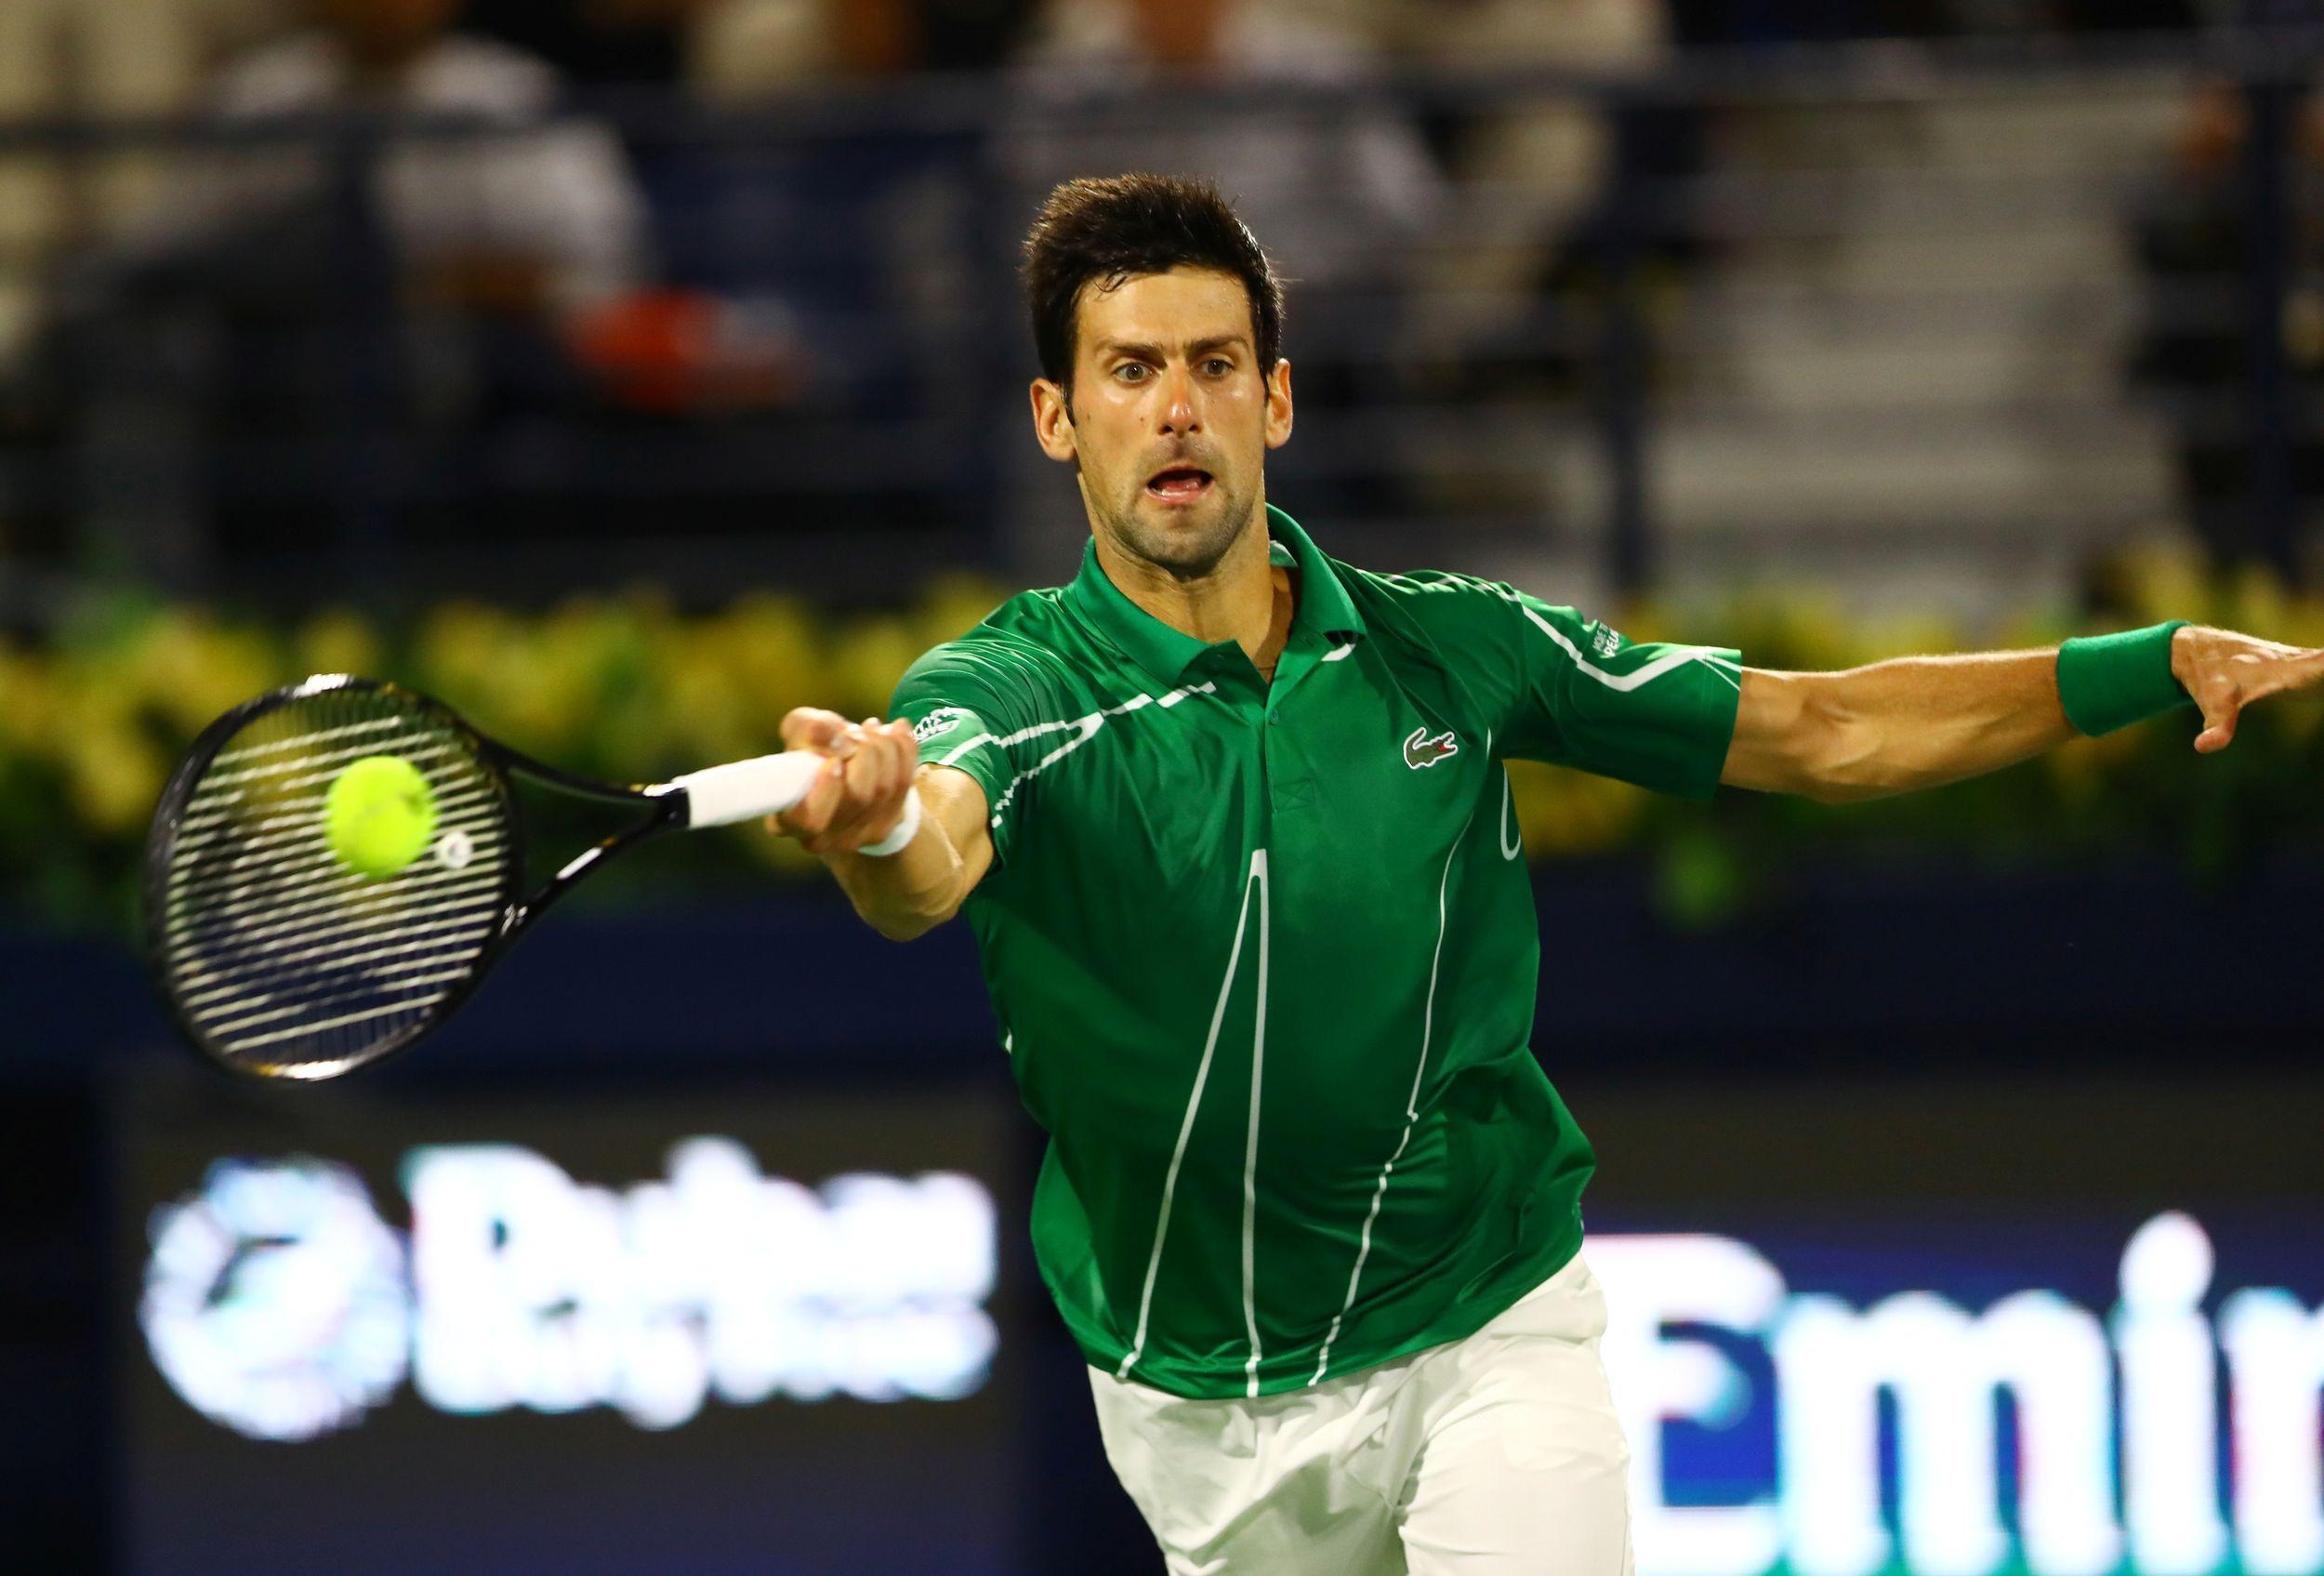 Tennis - ATP - Dojokovic, Federer et Nadal veulent aider les joueurs en difficulté à cause du coronavirus